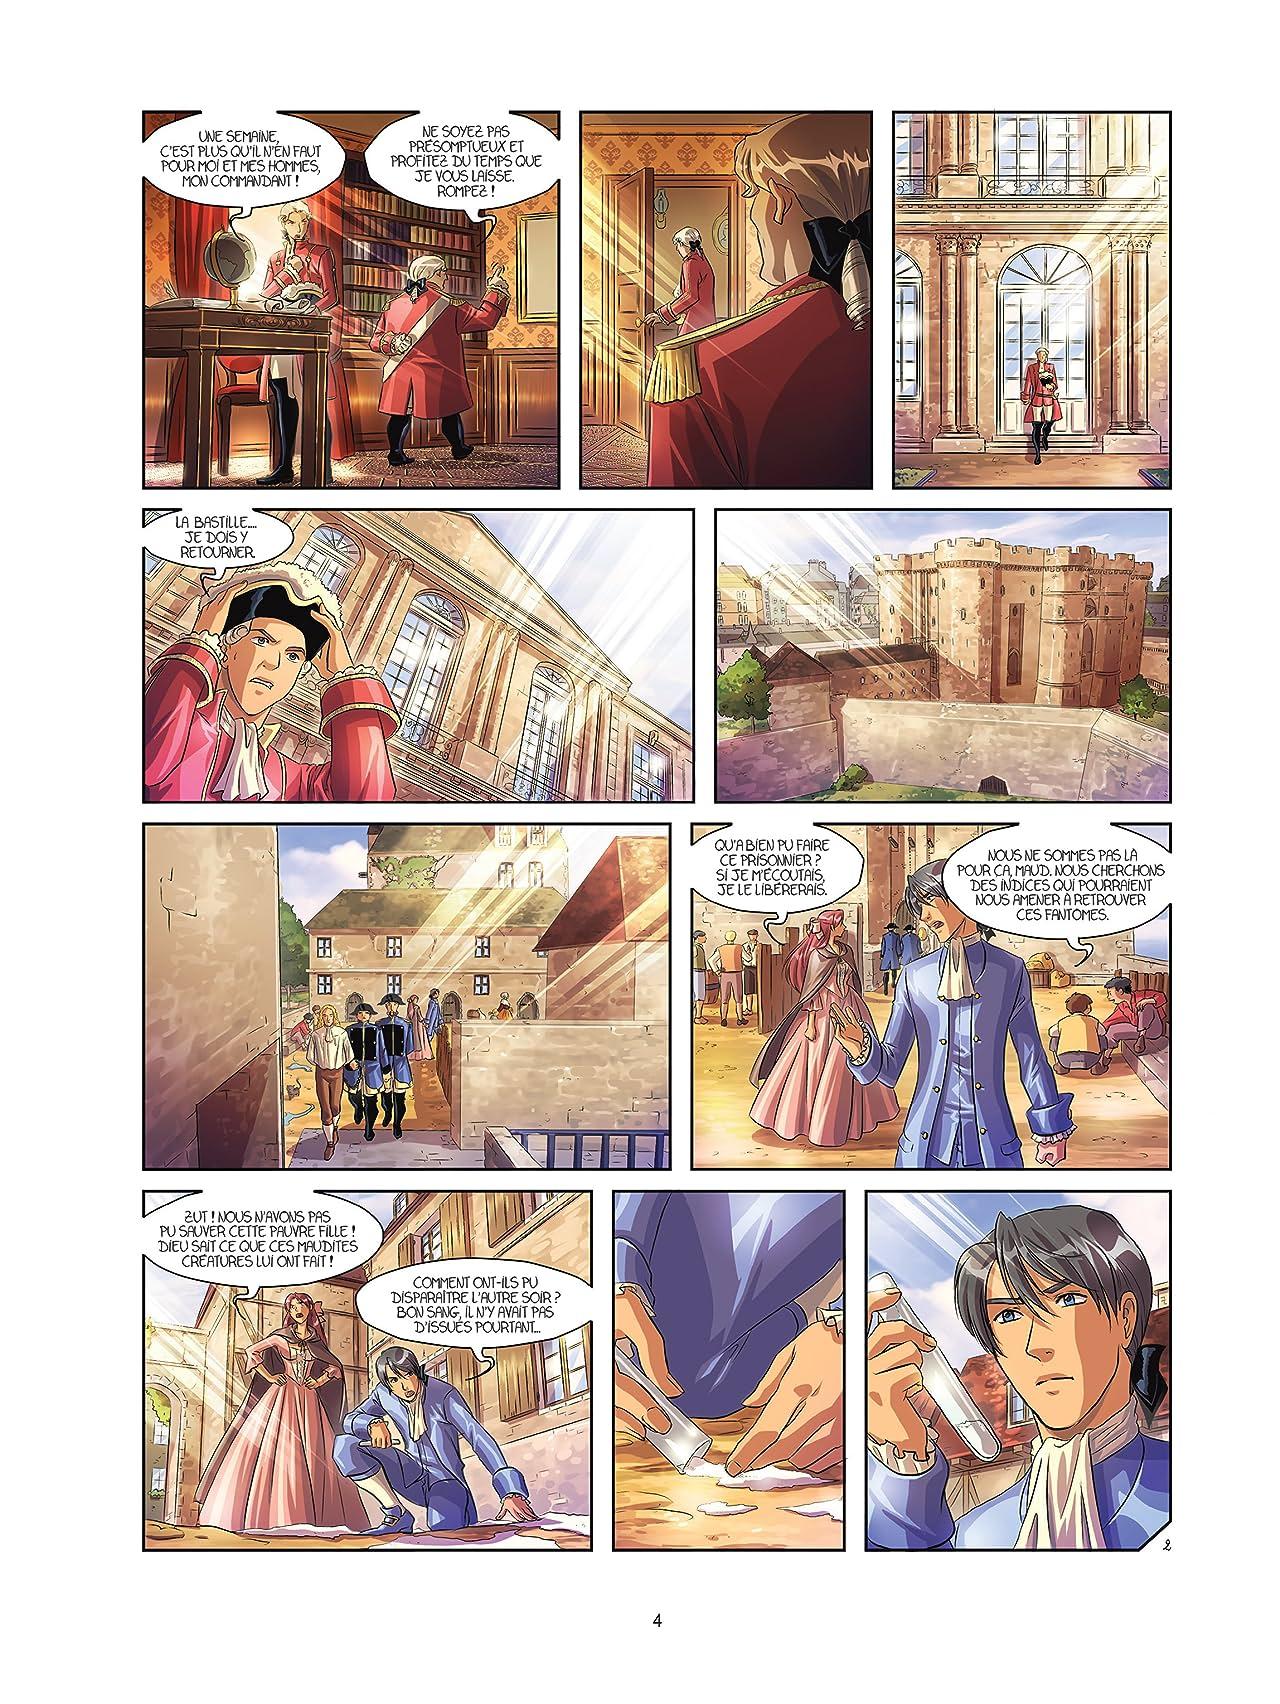 La Rose écarlate - Missions Vol. 2: Le Spectre de la Bastille